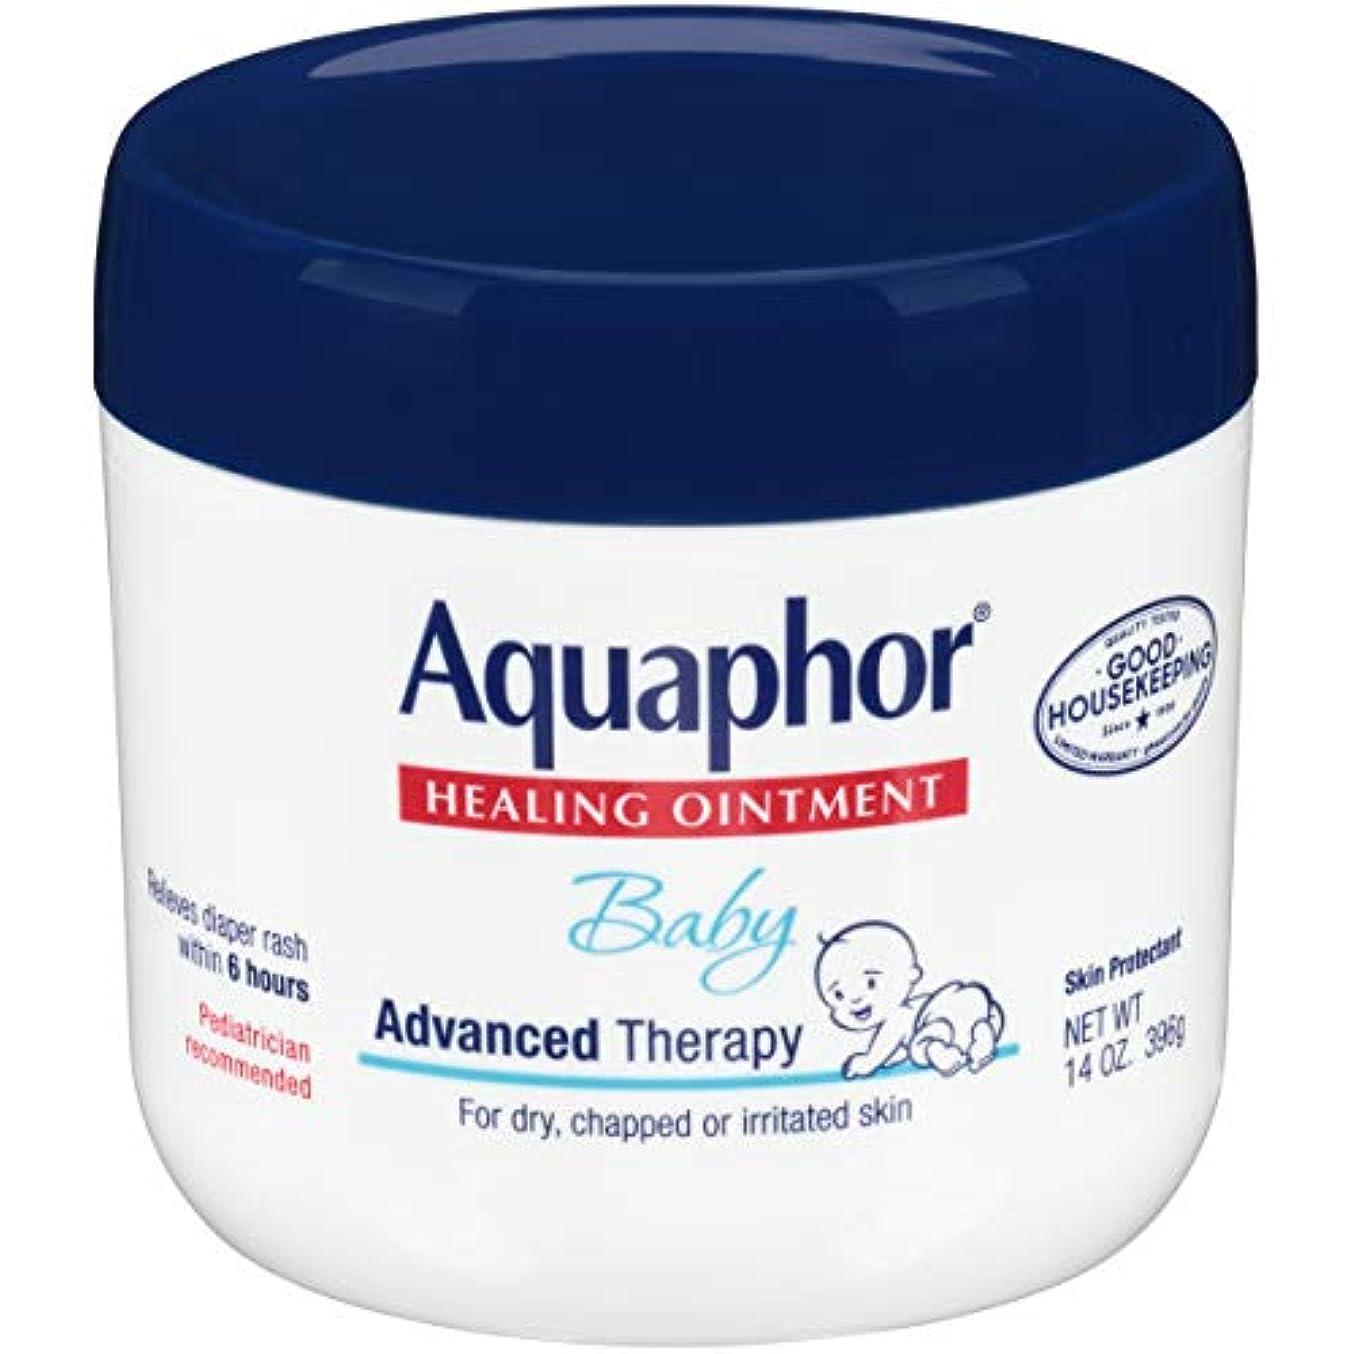 浸透するに宇宙飛行士Aquaphor Baby Healing Ointment Advanced Therapy Skin Protectant